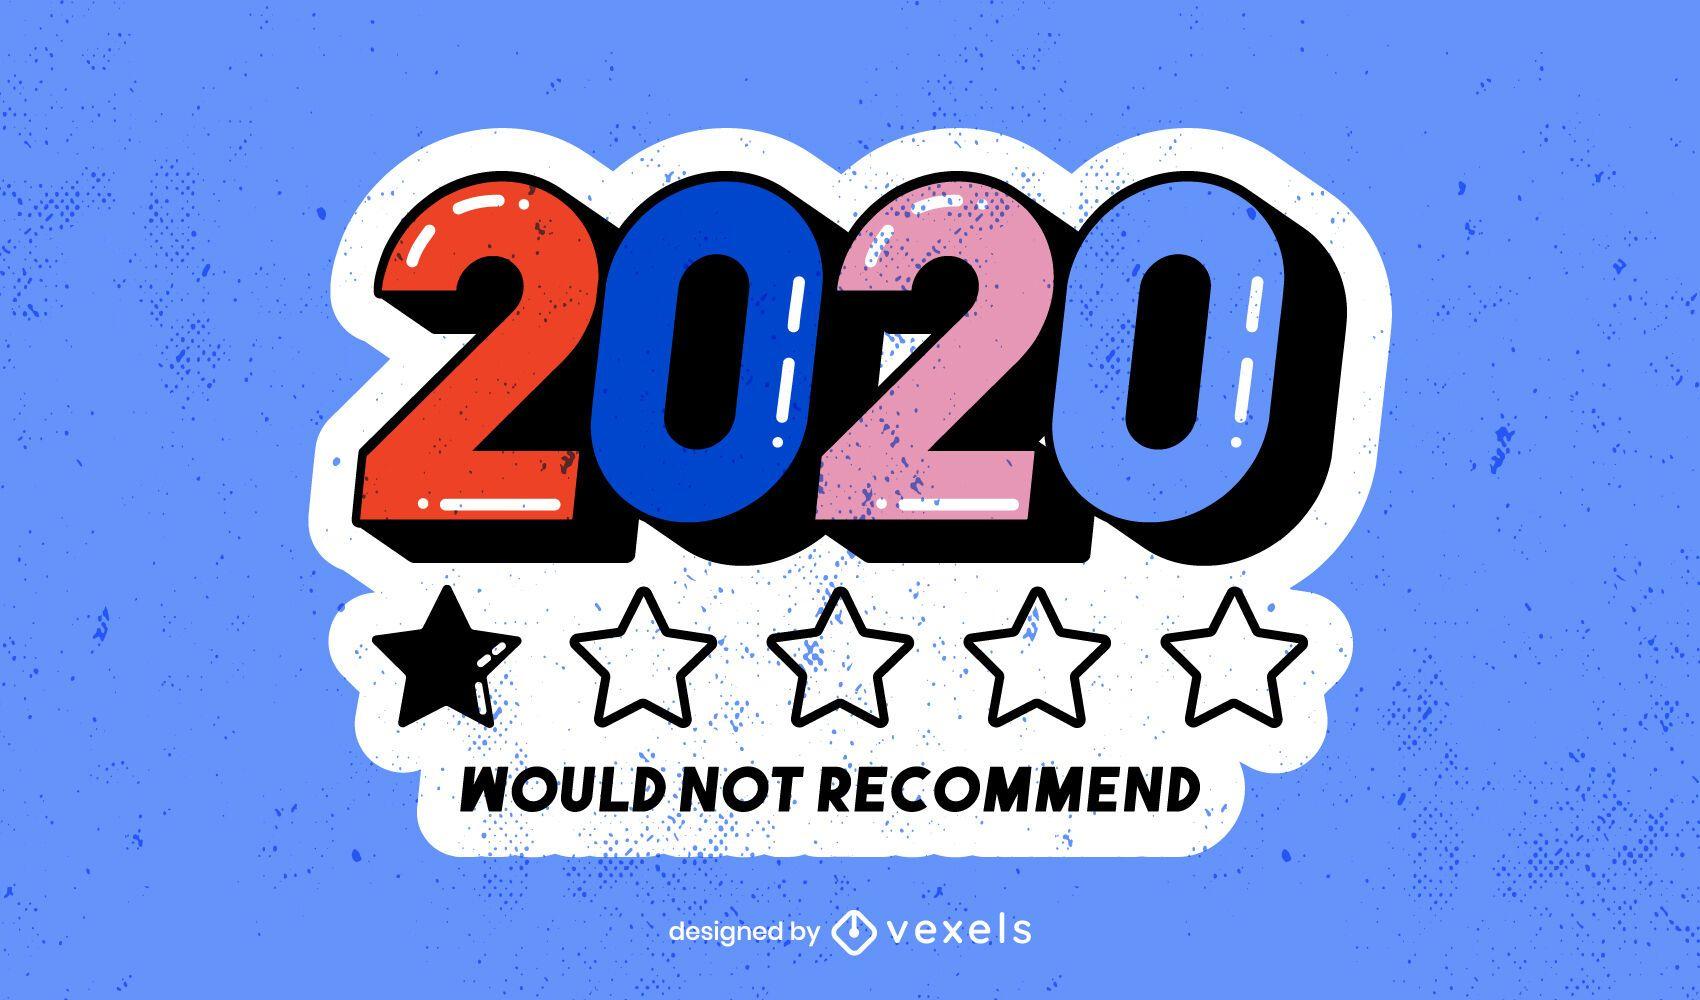 2020 não recomendaria design de ilustração